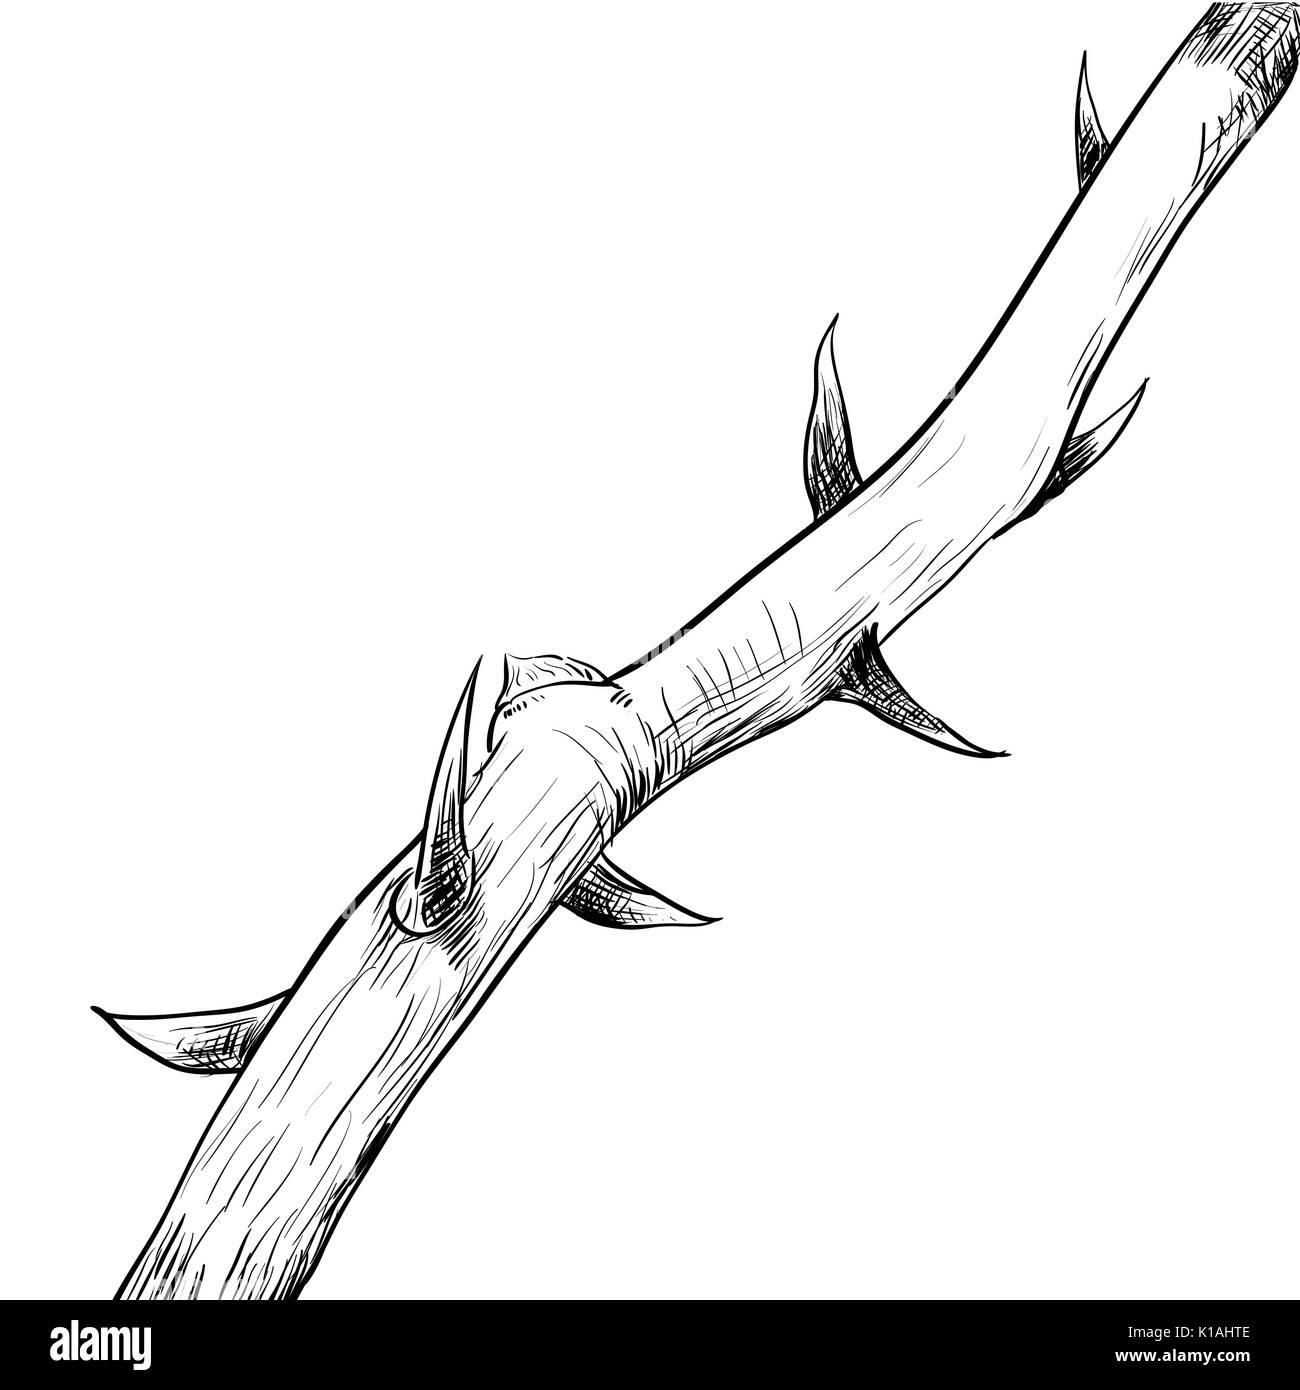 Dessin A La Main De Thorn Le Noir Et Blanc Simple Ligne